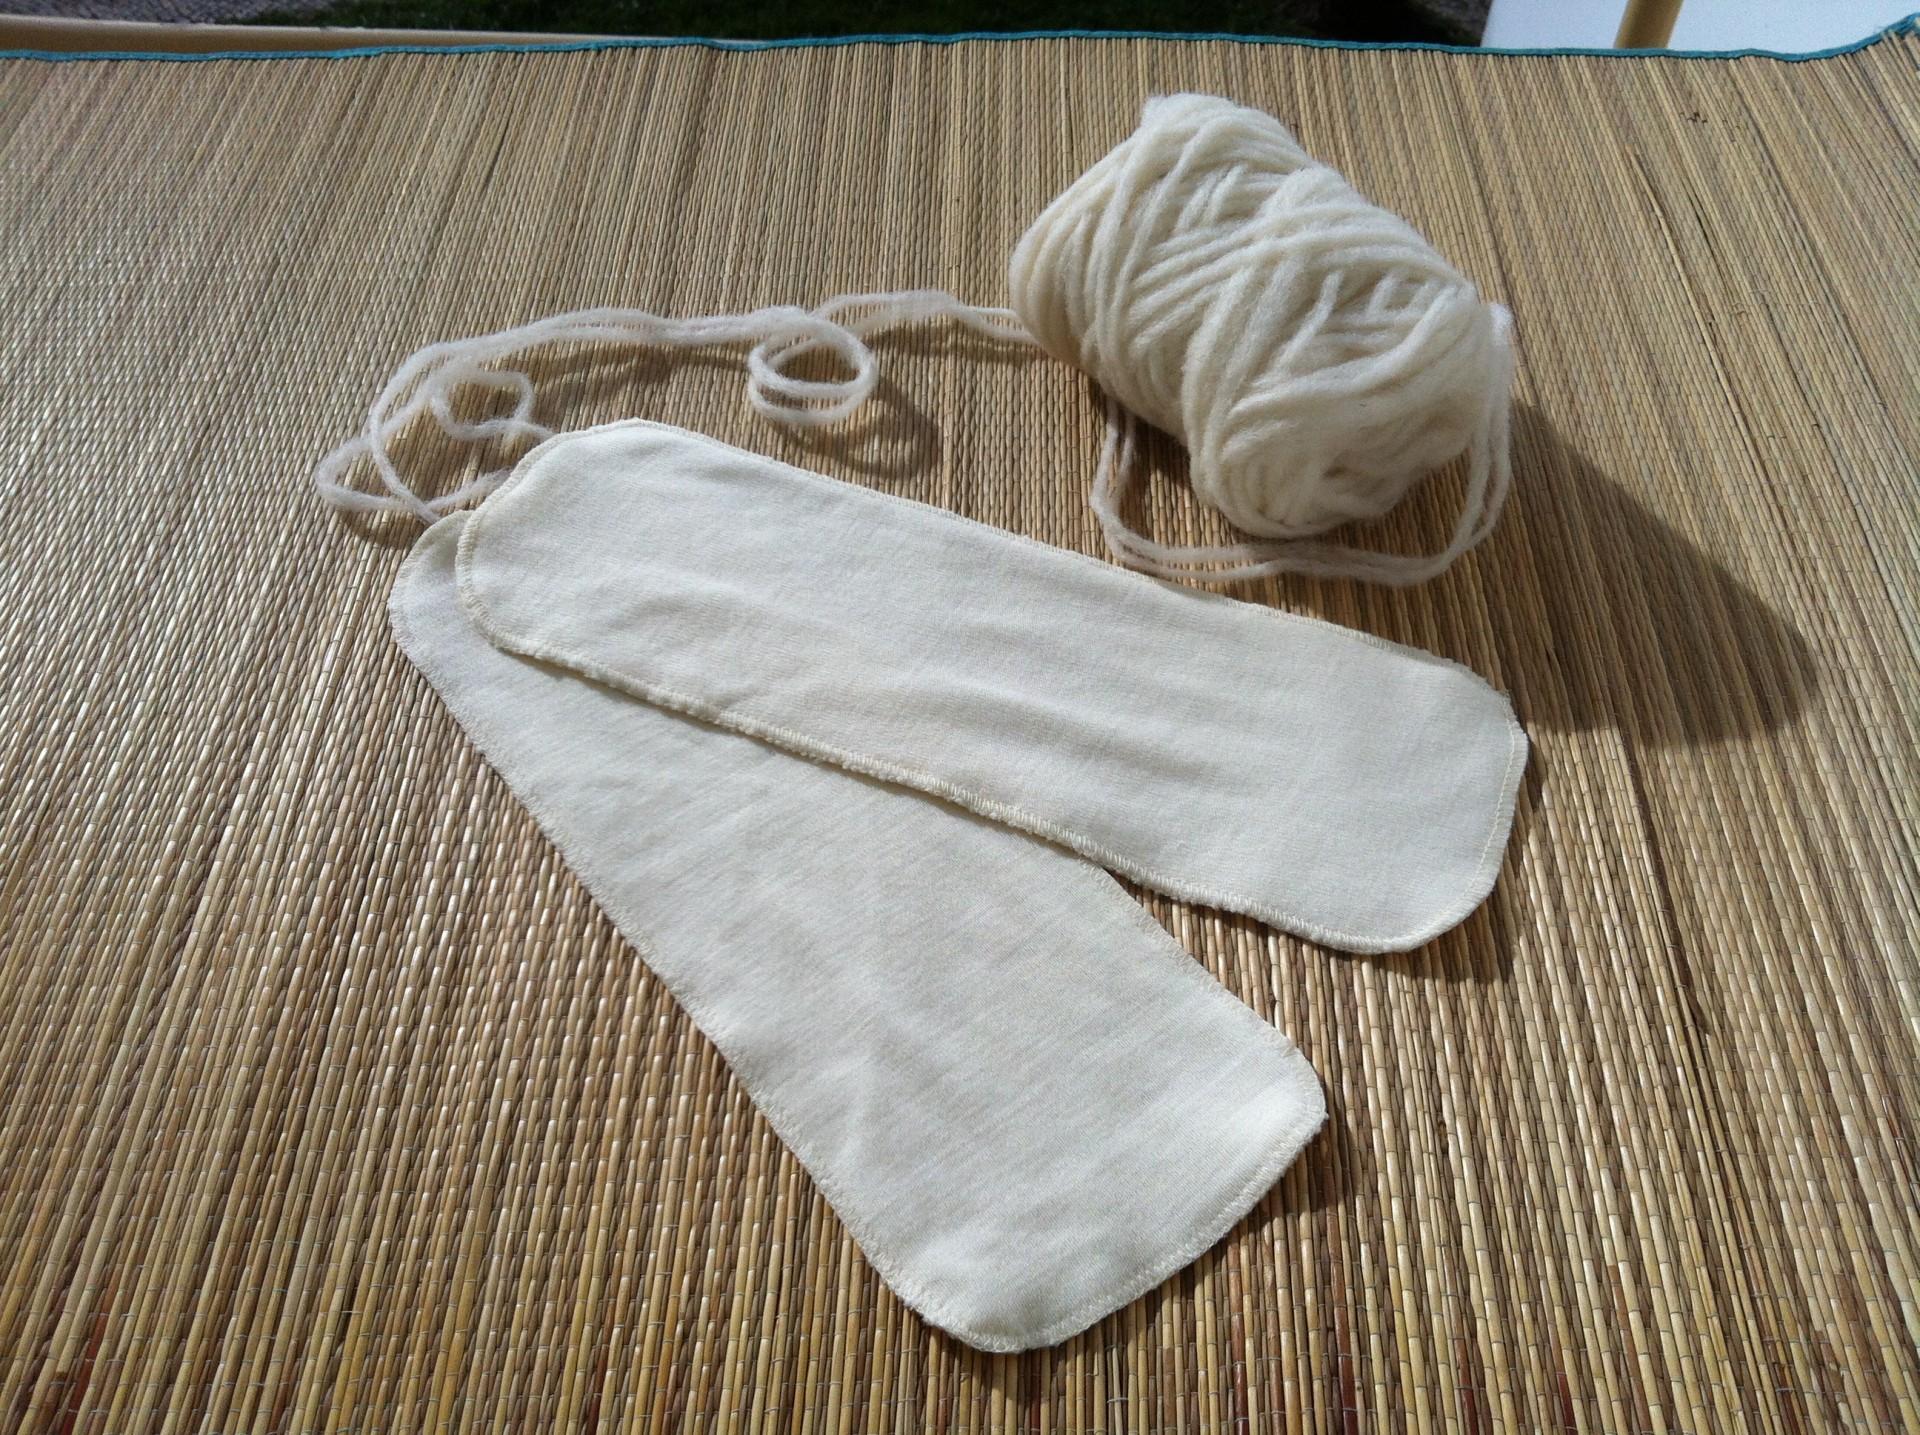 Absorvente para fraldas reutilizáveis de lã interlock superwash/Wool booster interlock superwash